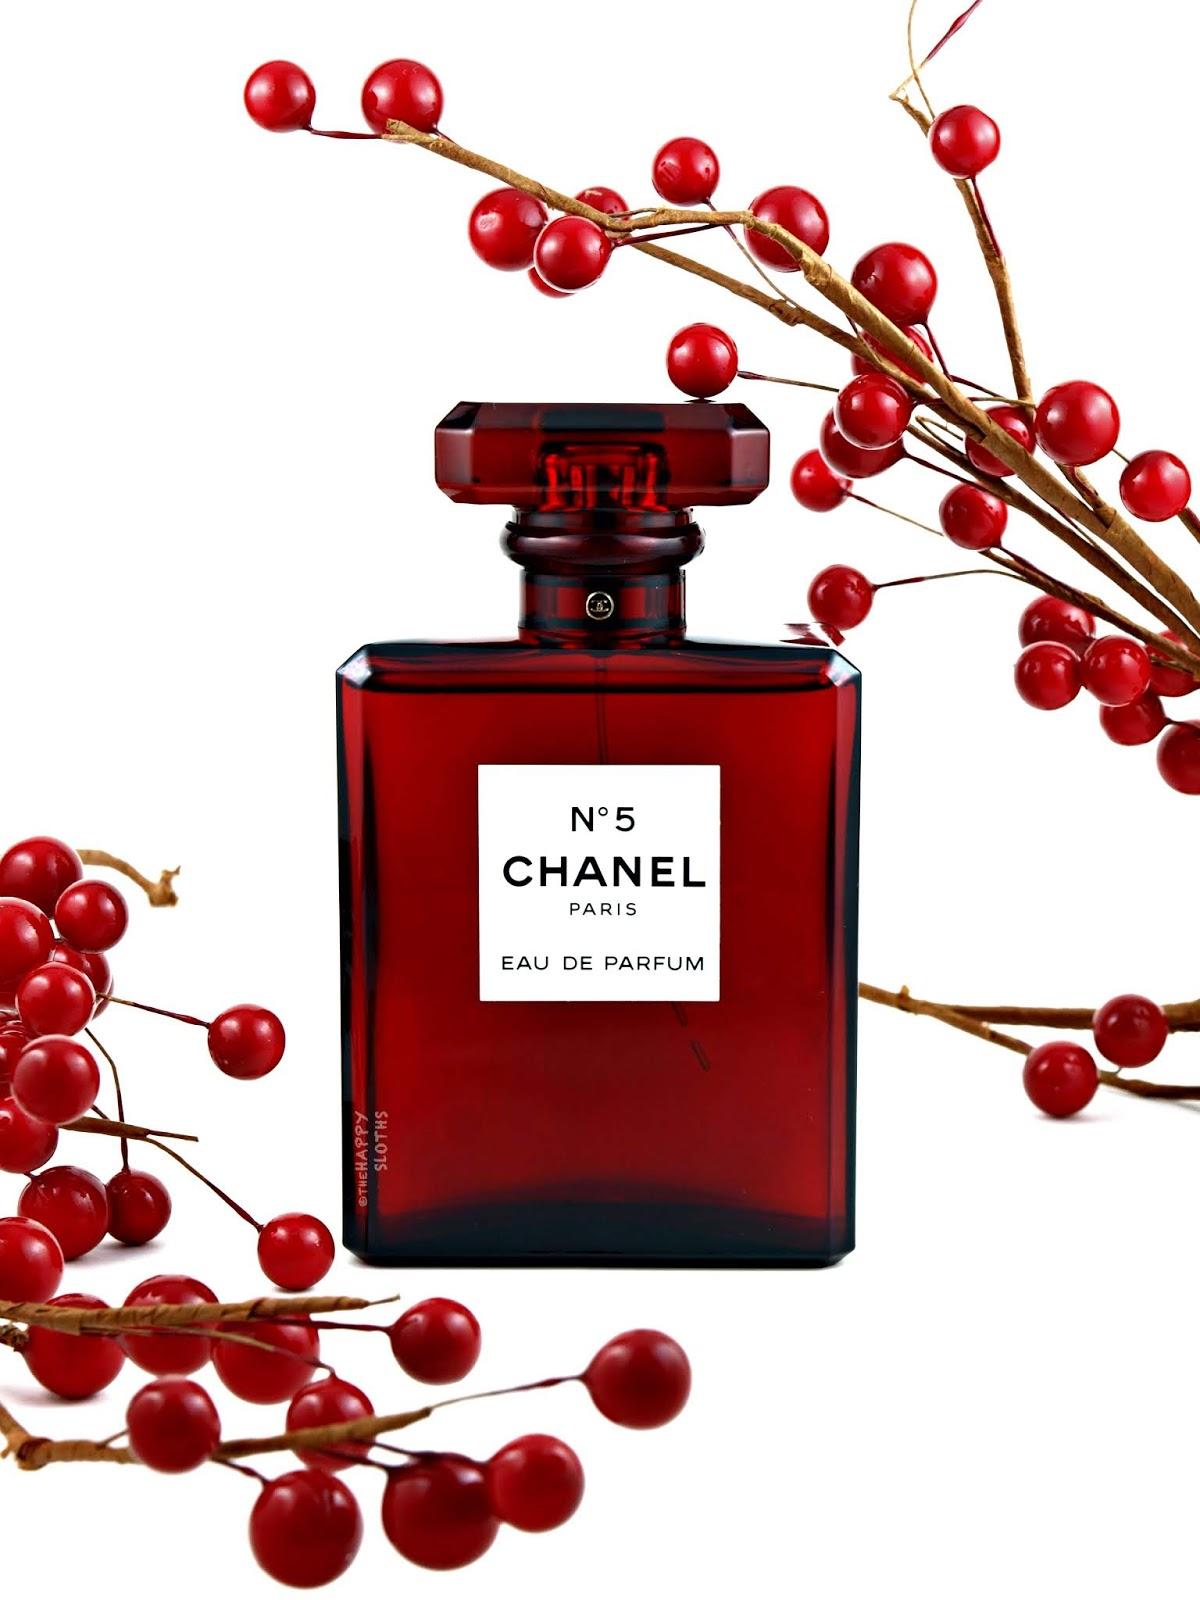 No5 Red Edition mehstyle - اسانس گل رز در ساخت عطر